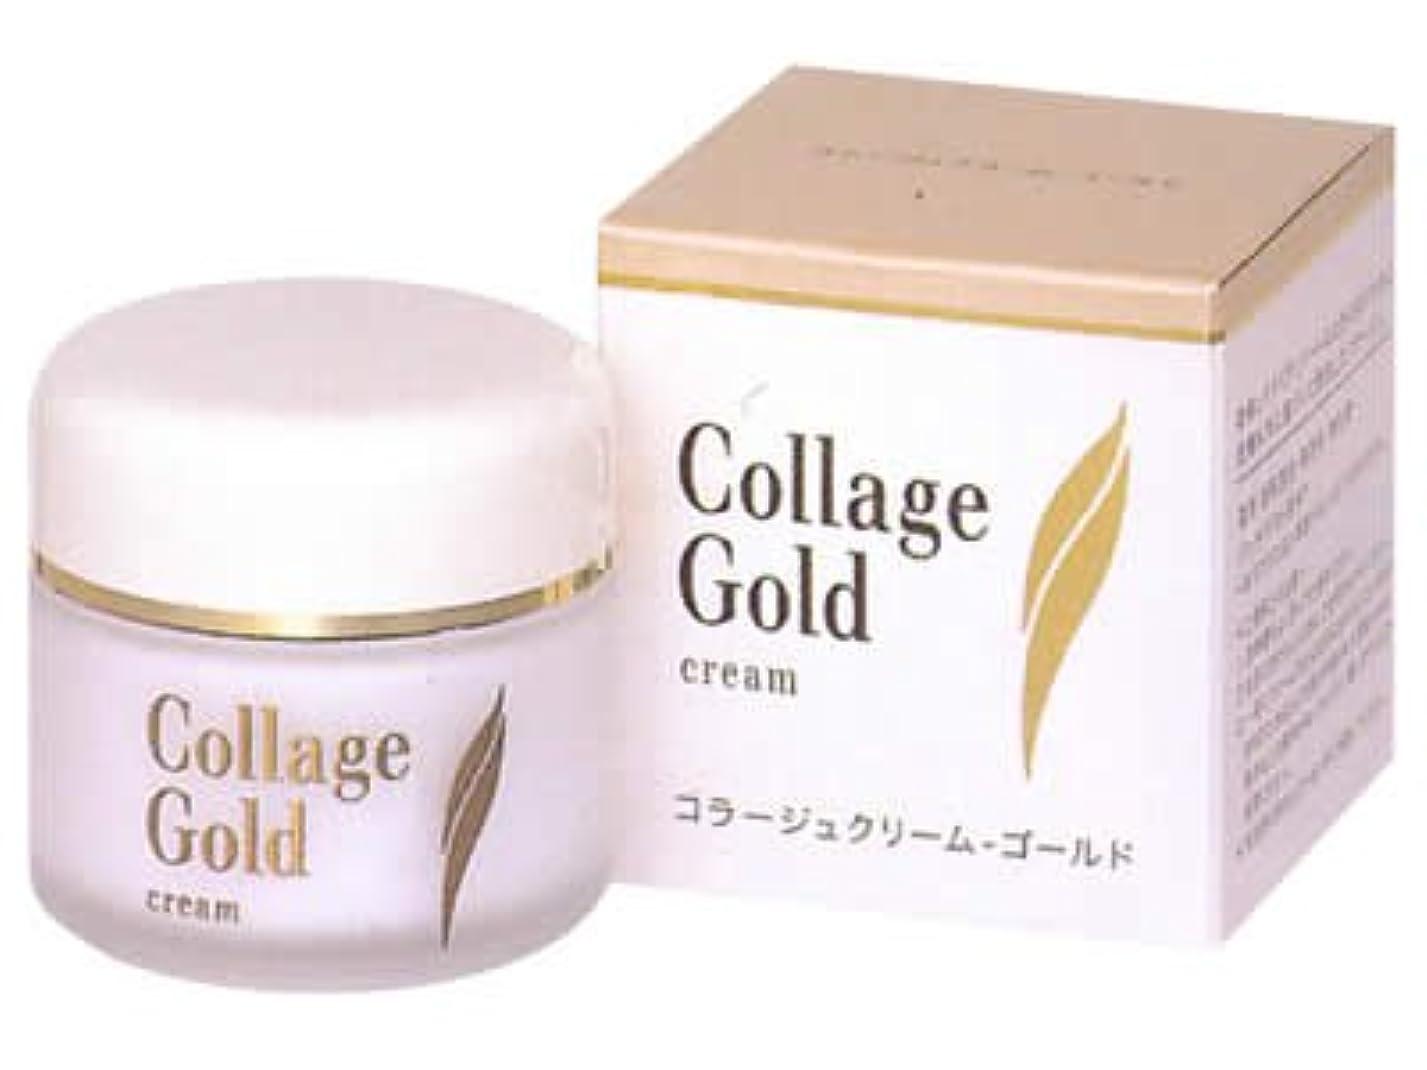 かみそりピンク圧縮コラージュ クリーム-ゴールドS 35g (医薬部外品)